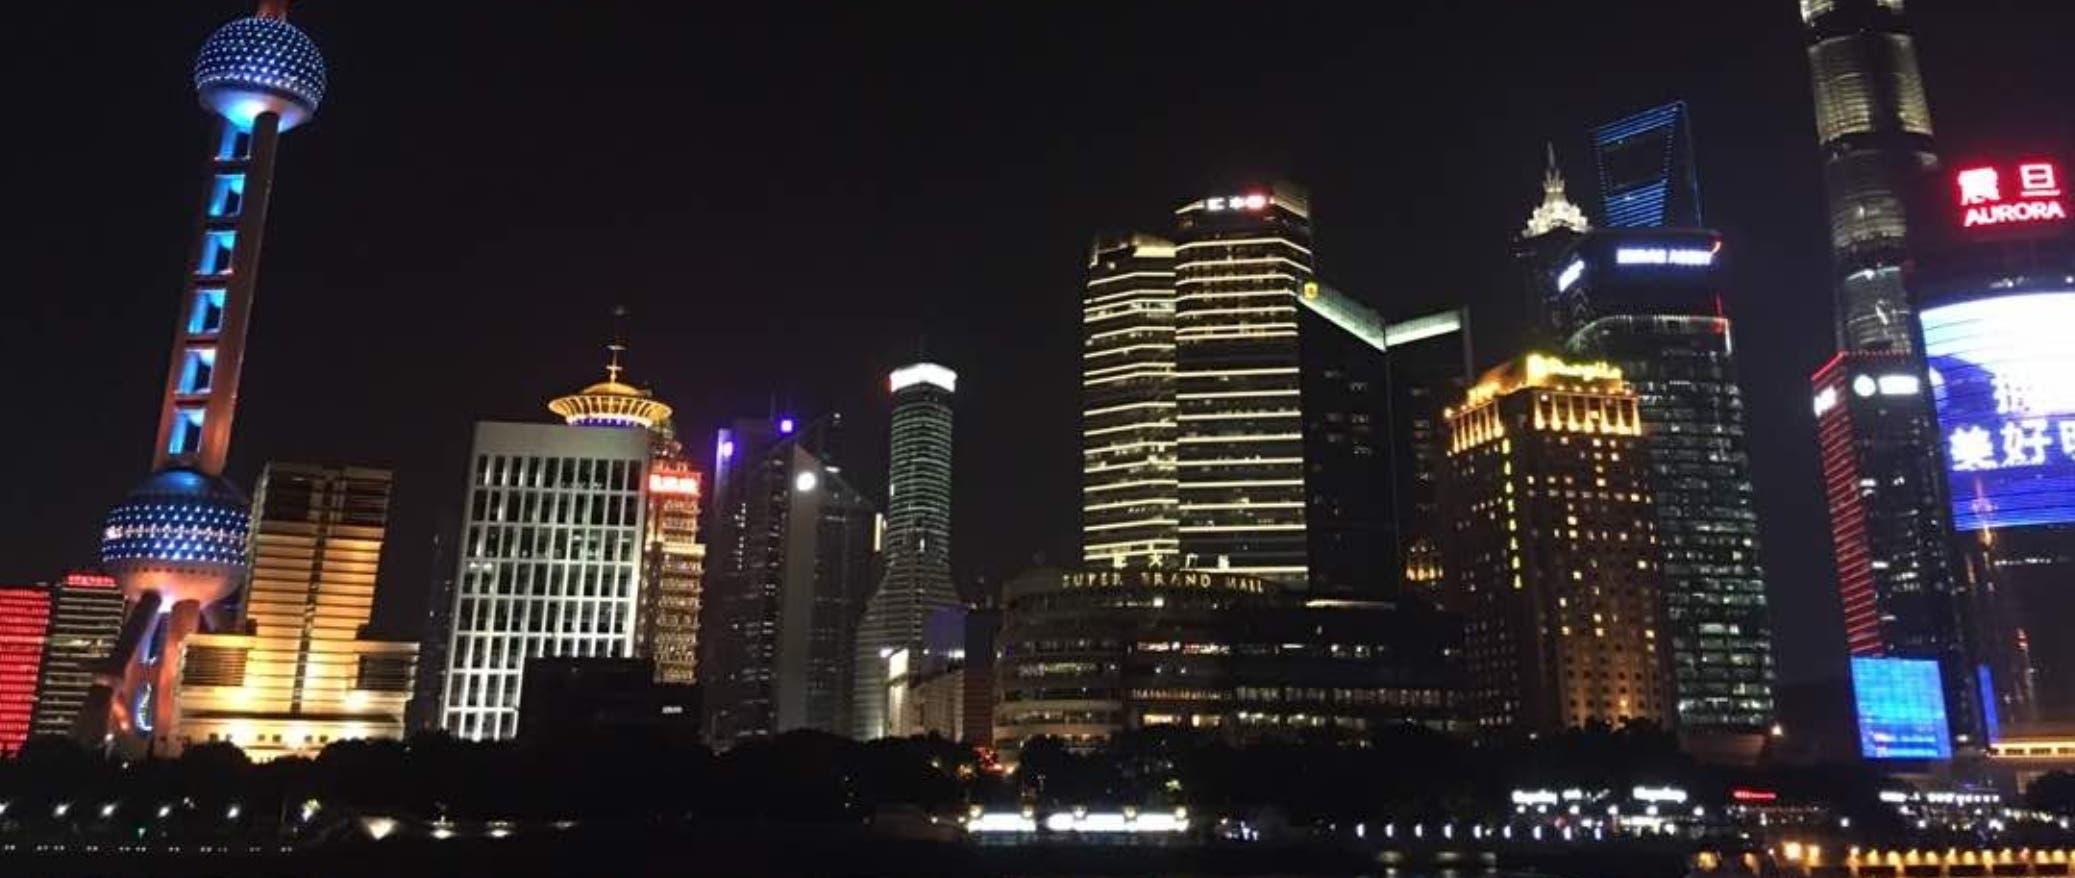 Shanghai se muestra como una de las ciudades más occidentalizadas de China, con numerosos rascacielos y un ordenamiento urbano de primera.